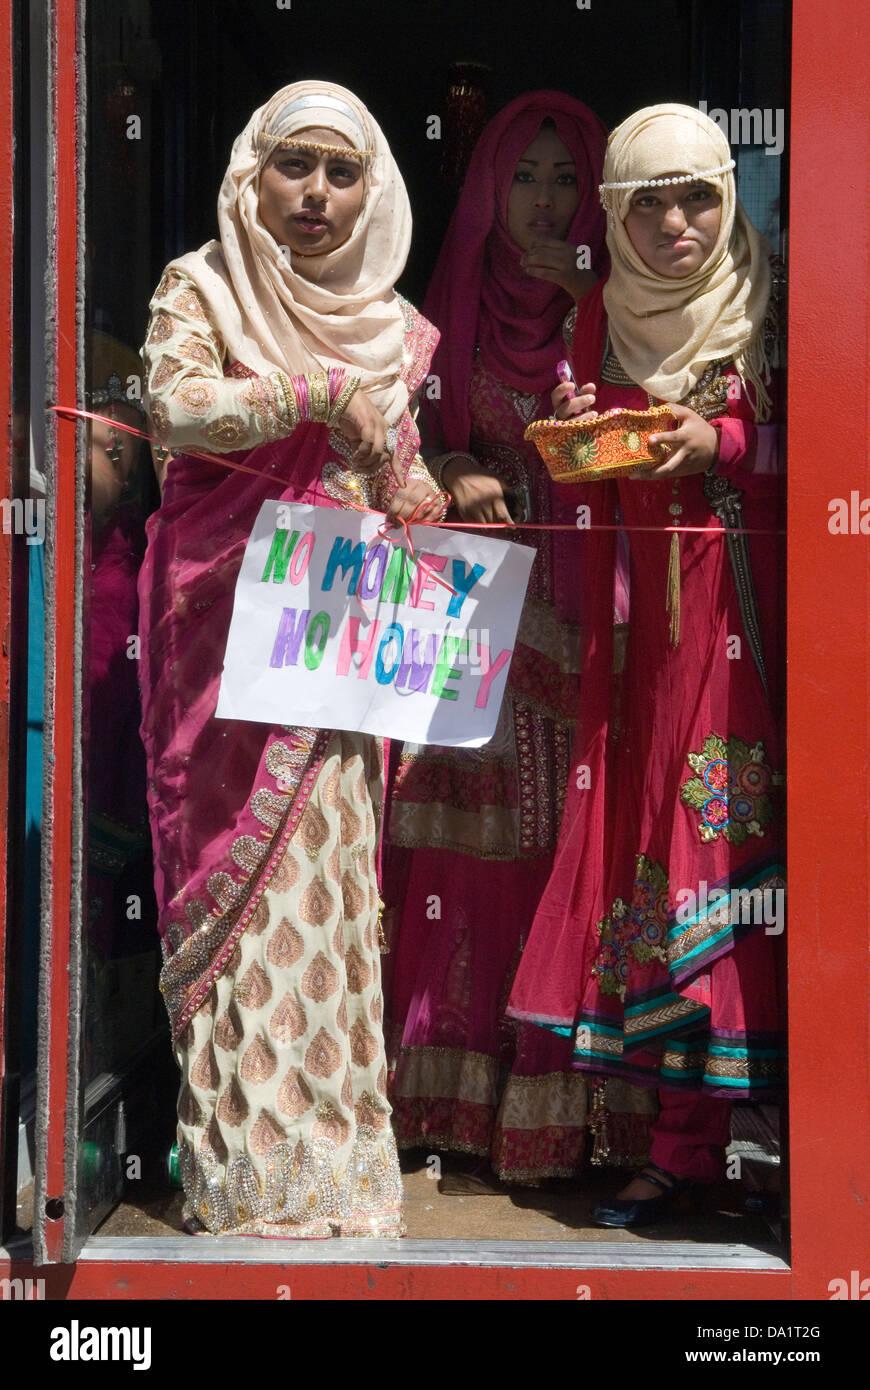 Pas d'Argent Pas de miel , signer la dot de la famille moderne de paiement tease mariage musulman marié Photo Stock